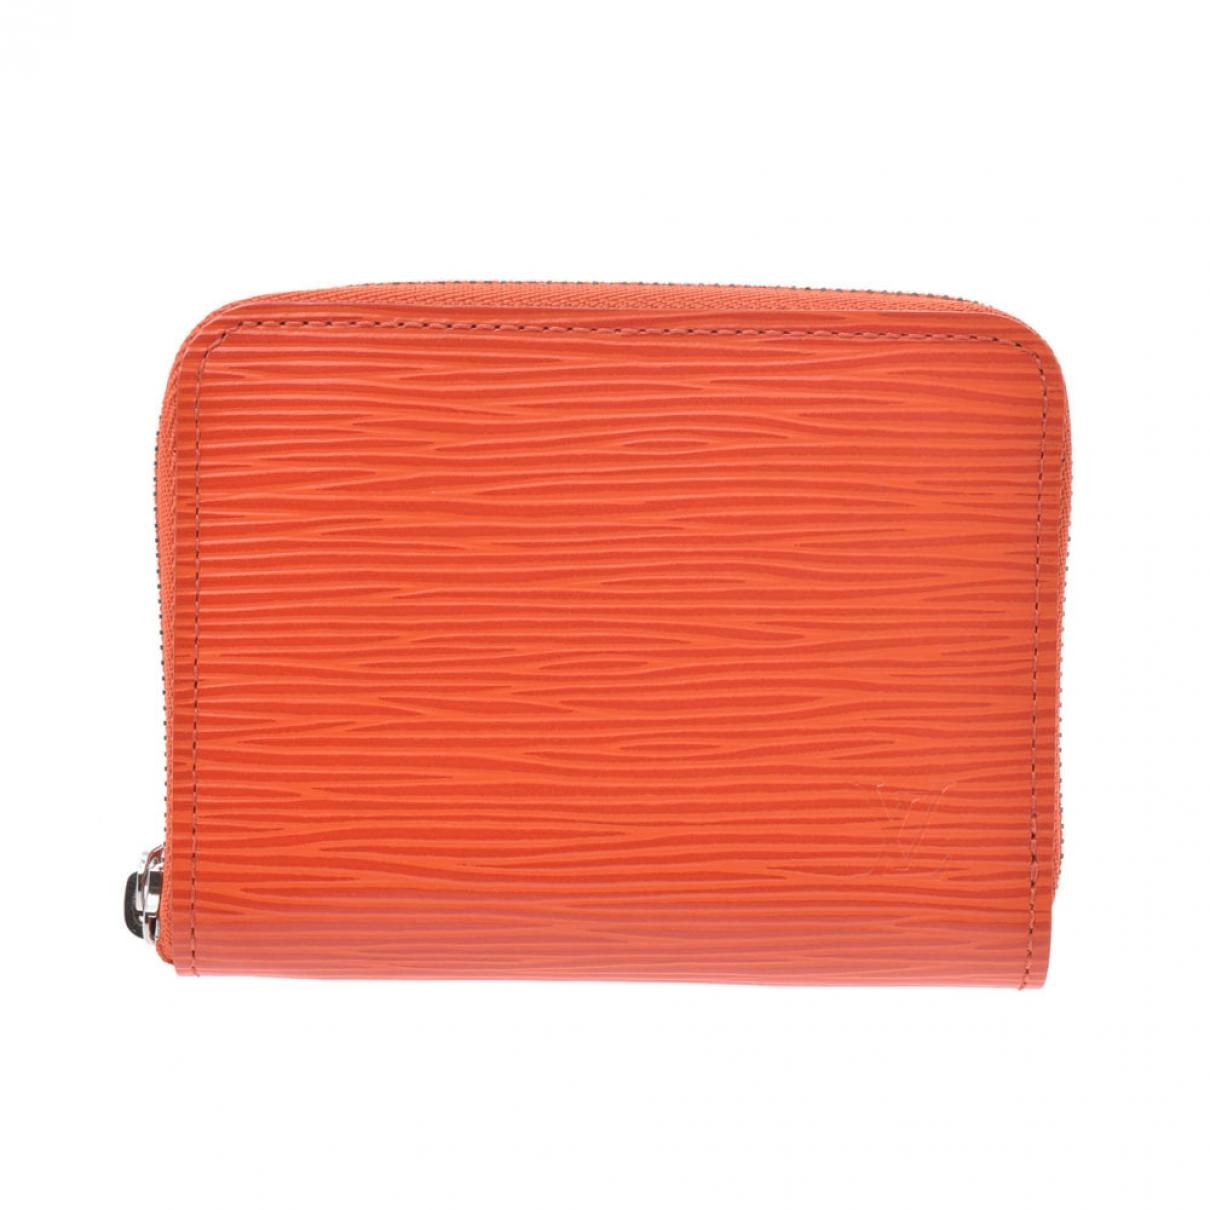 Louis Vuitton - Petite maroquinerie Zippy pour femme en cuir - orange